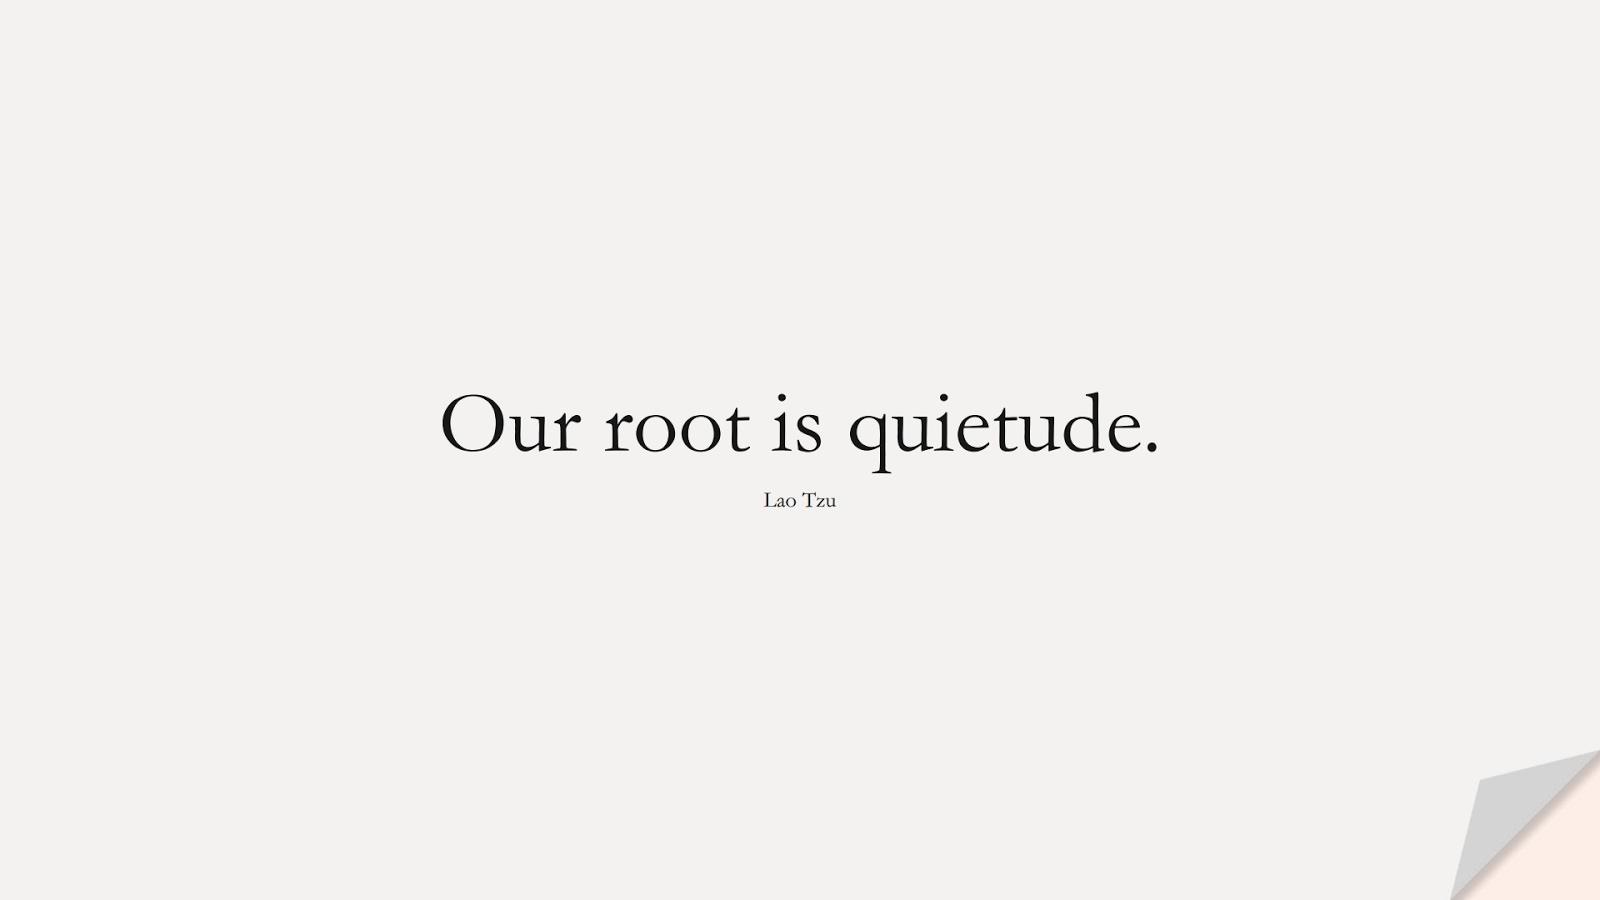 Our root is quietude. (Lao Tzu);  #StressQuotes